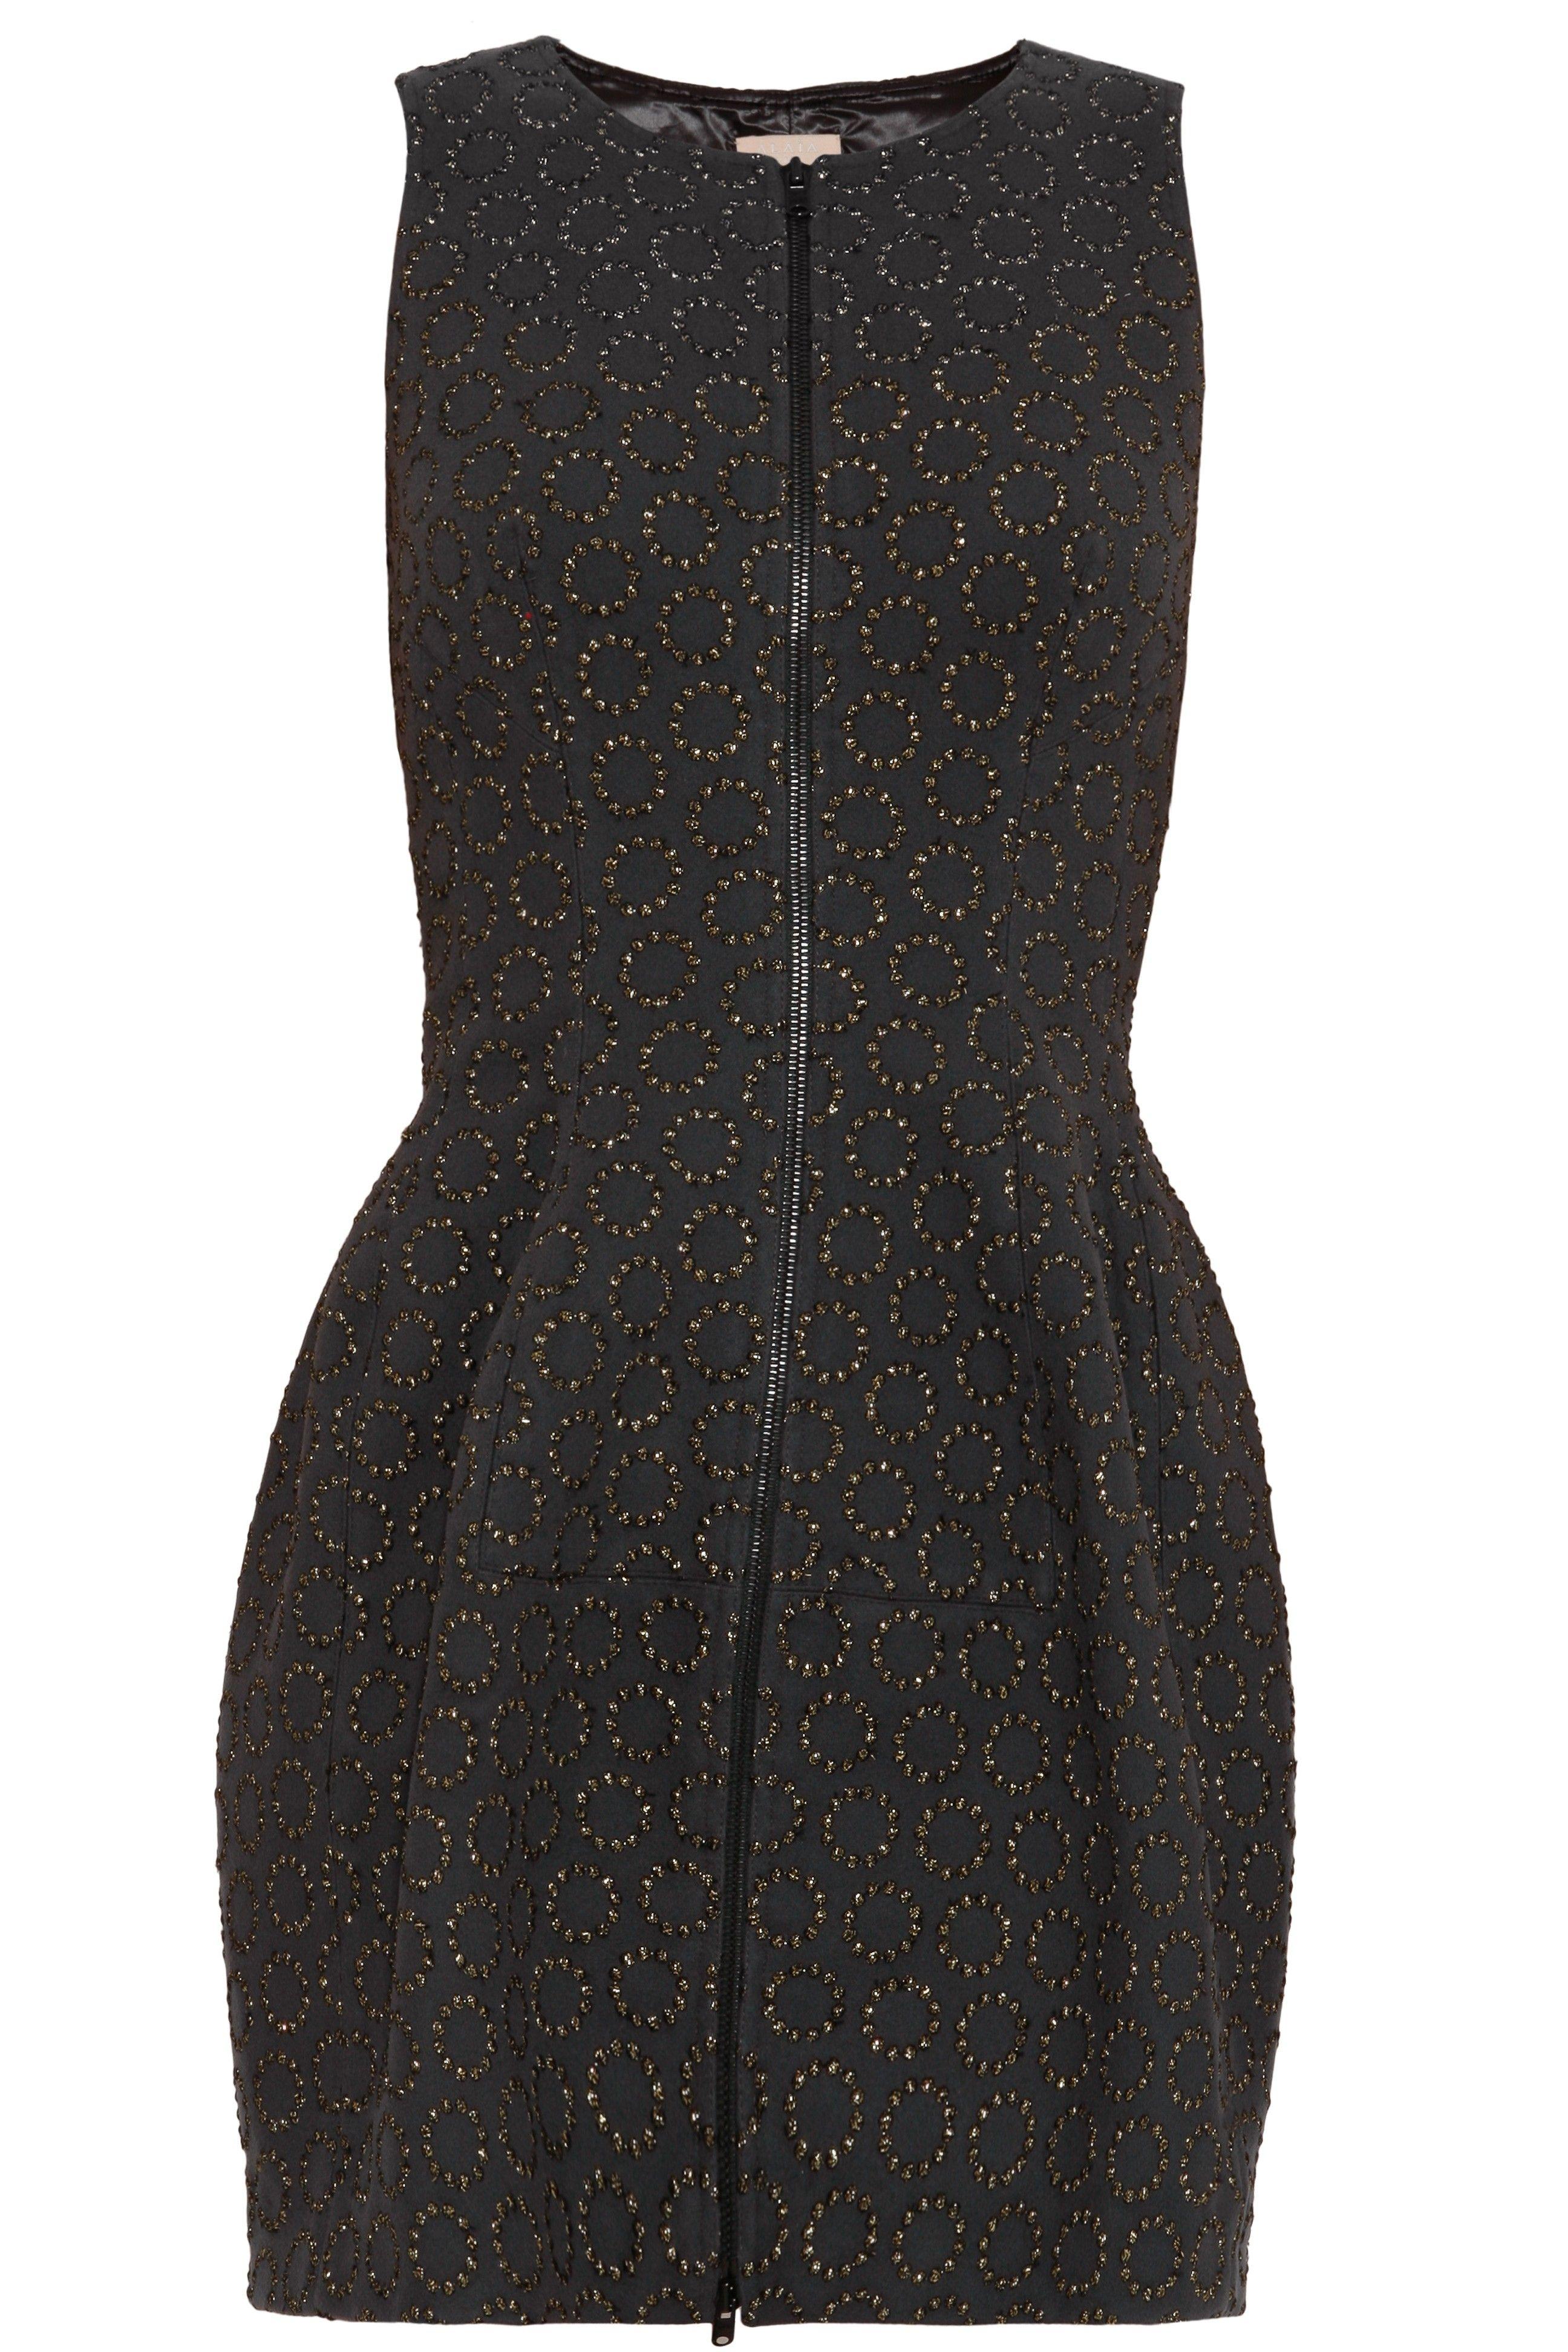 Circle Sparkle Zip Front Dress By ALAÏA @ http://www.boutique1.com/